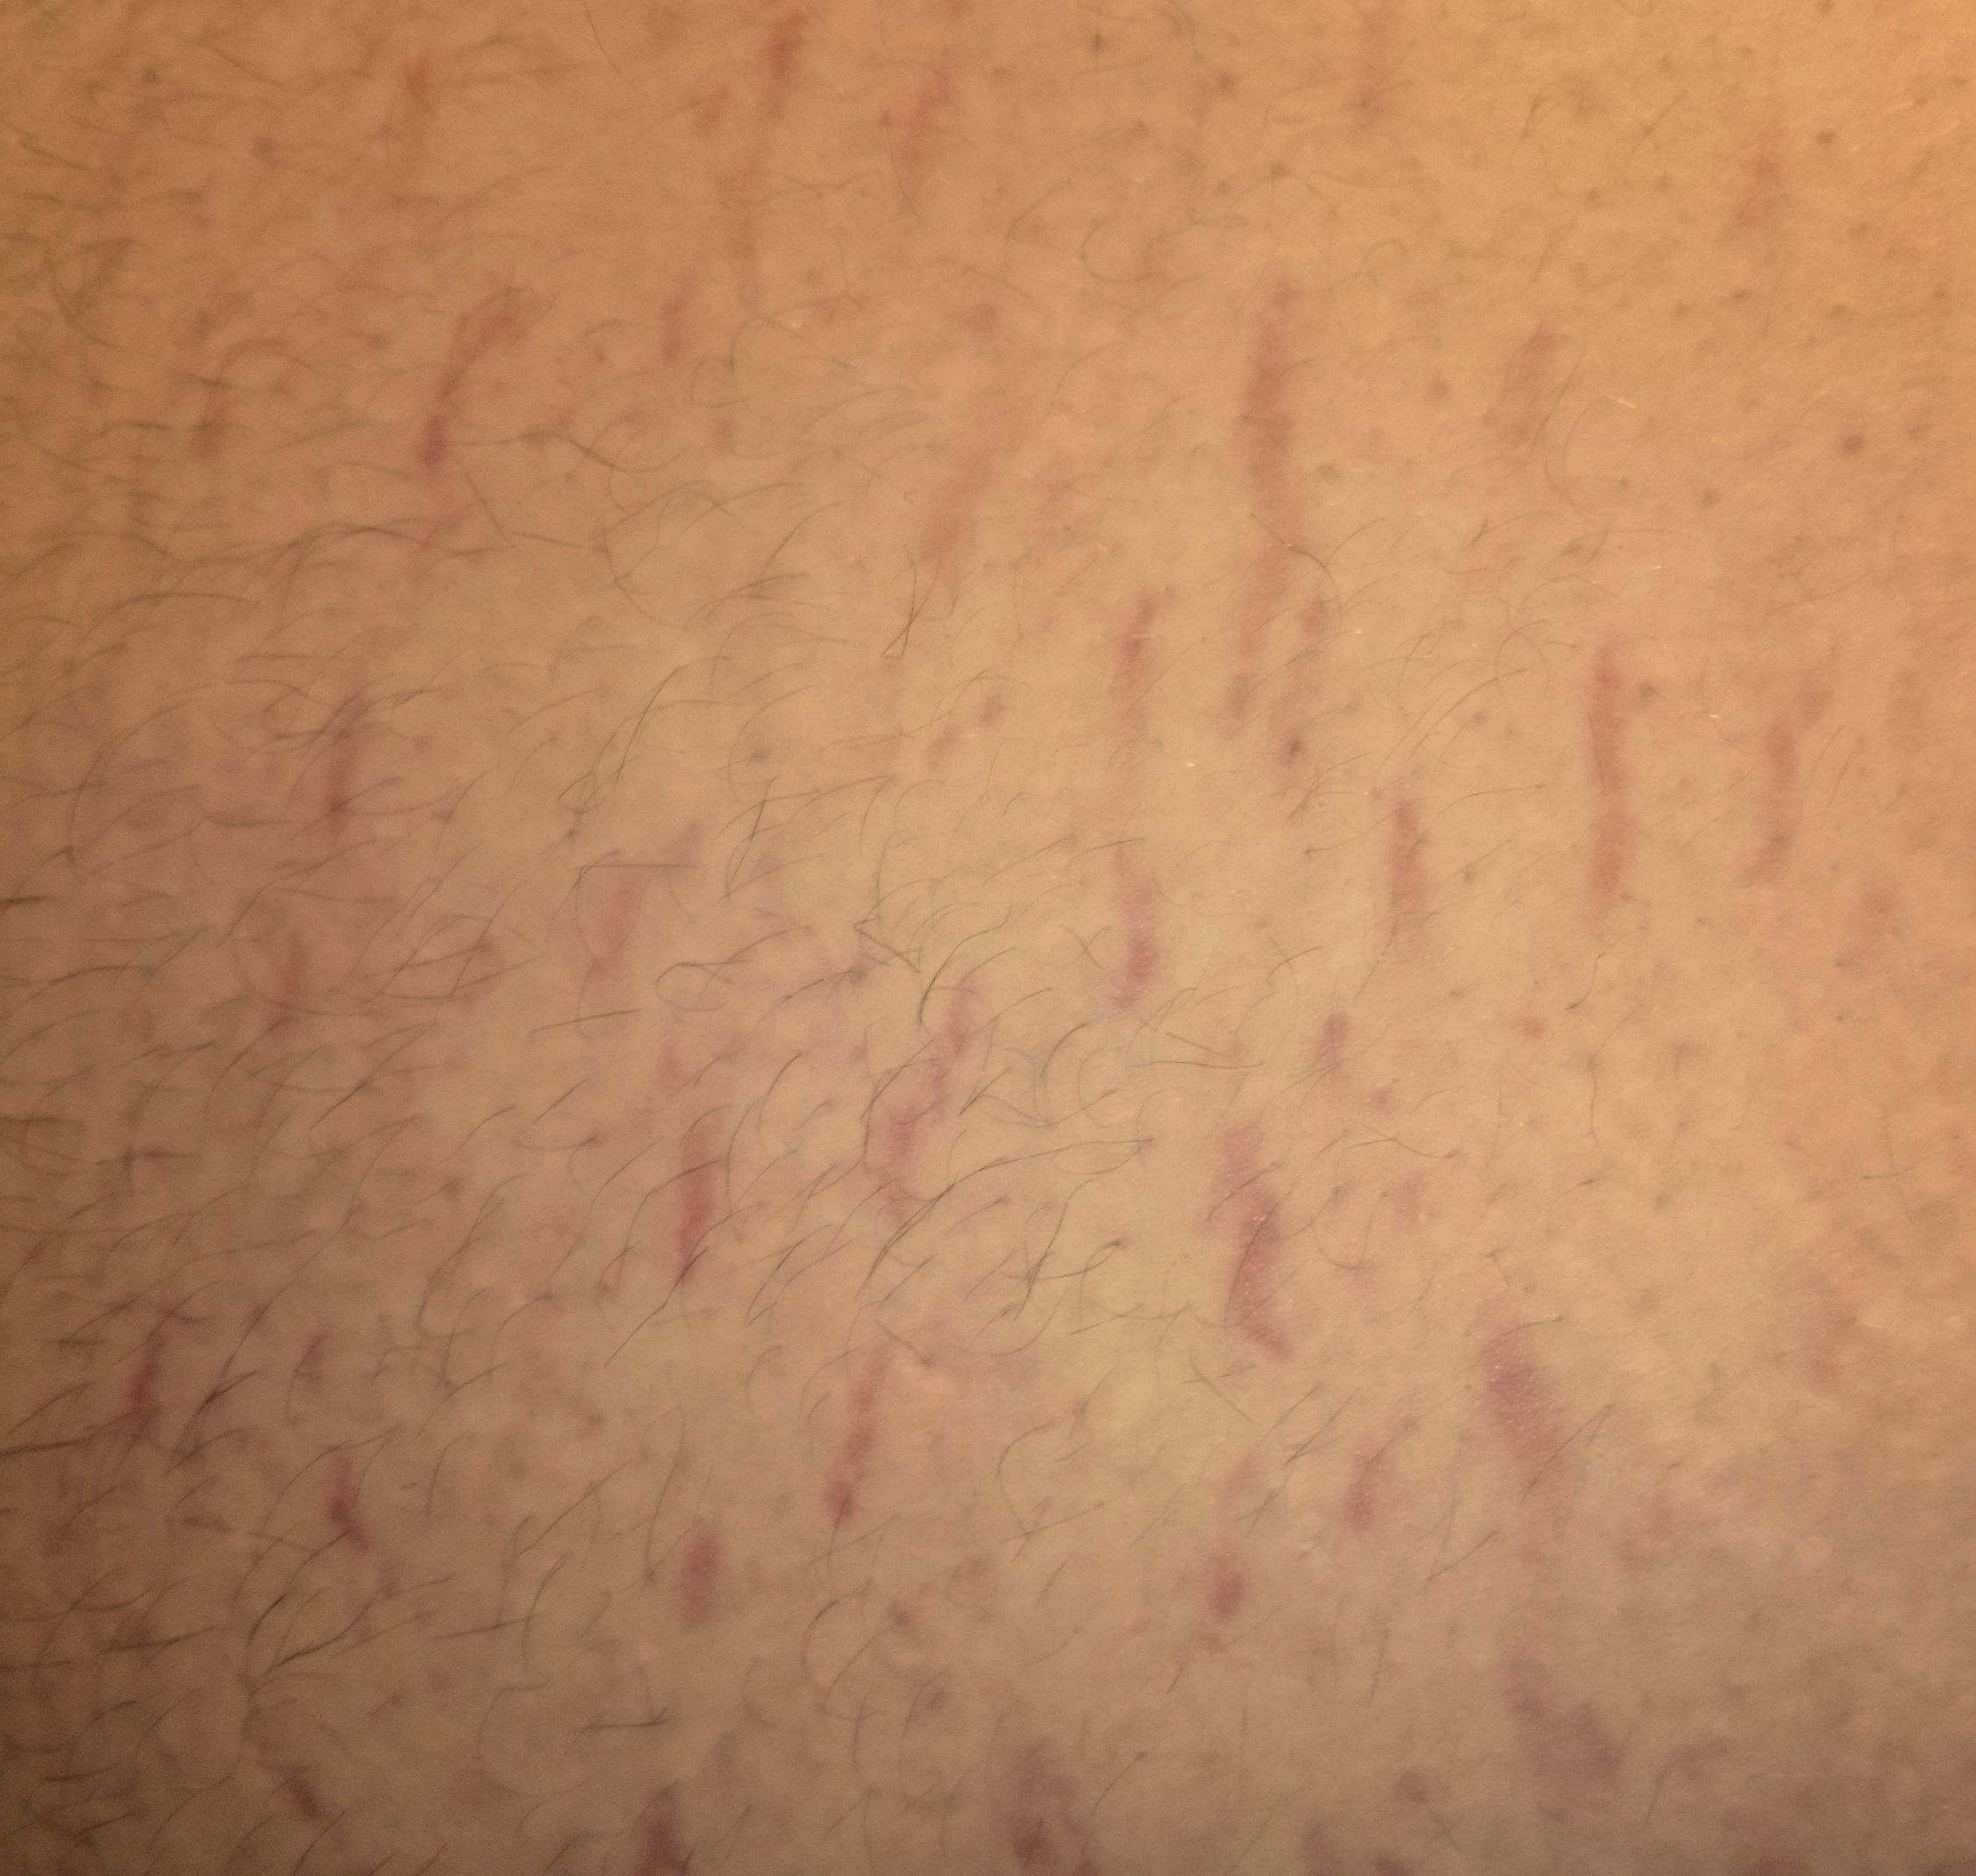 Der braune Fleck auf dem Bein wie pigment-